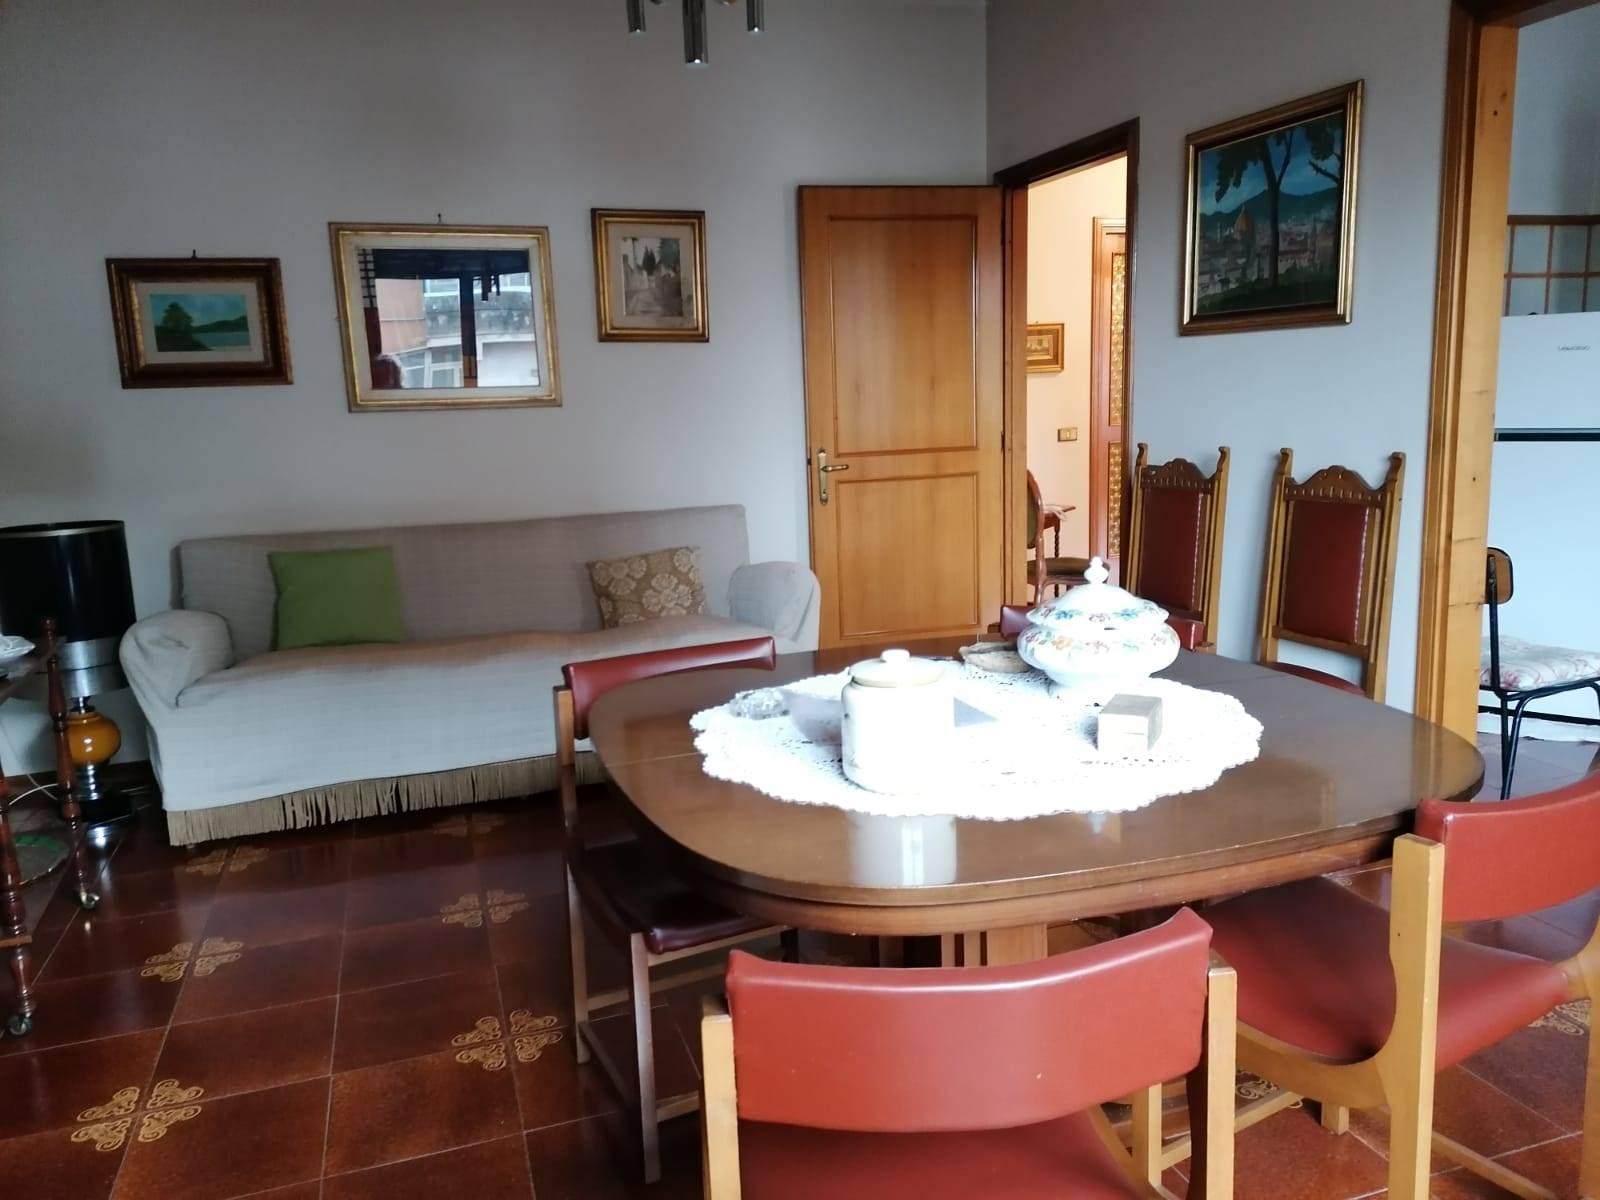 Villa in Vendita a Campi bisenzio zona  - immagine 27